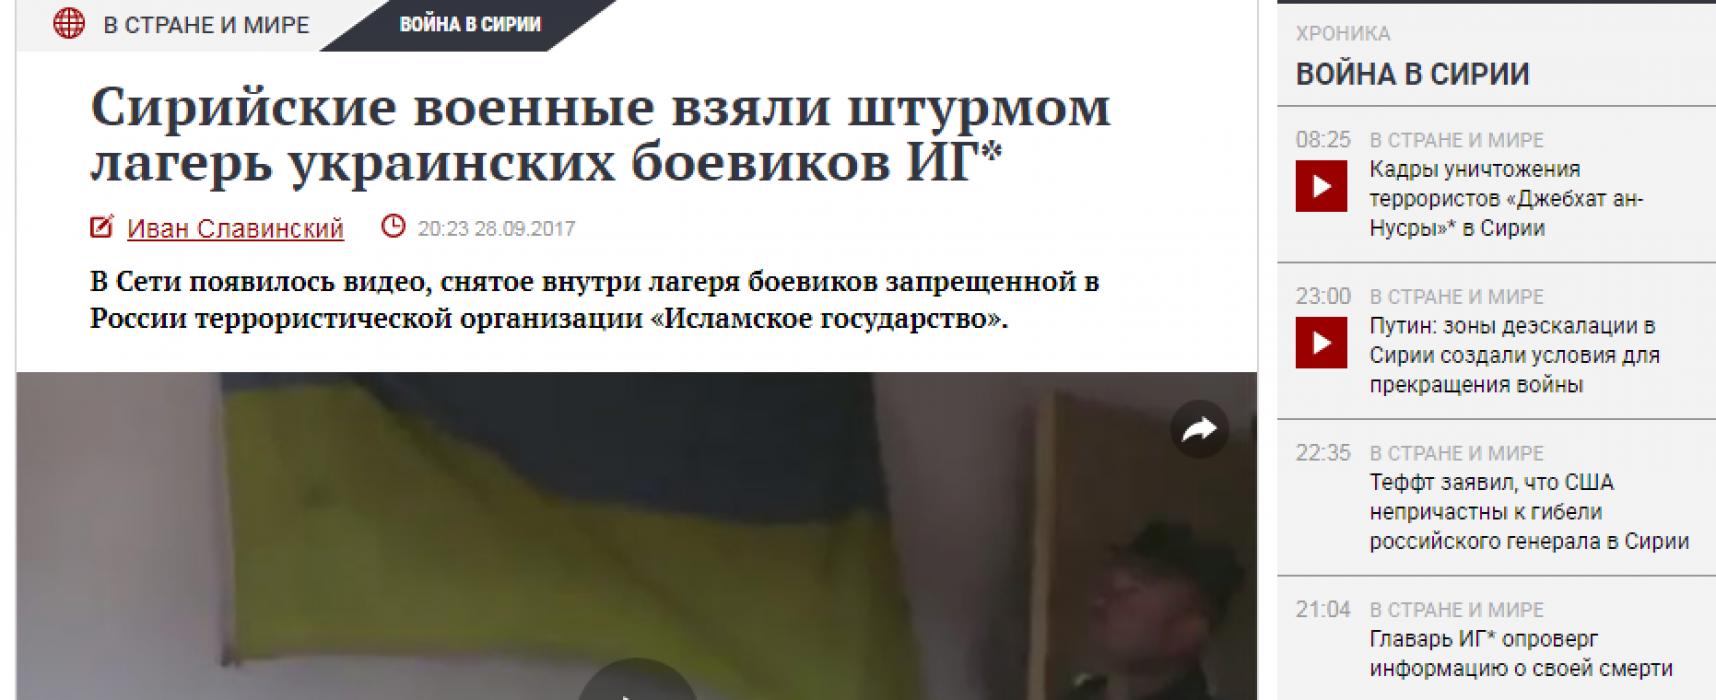 Фейк: Сирийски военни превзели с щурм лагер на украински бойци от ИД